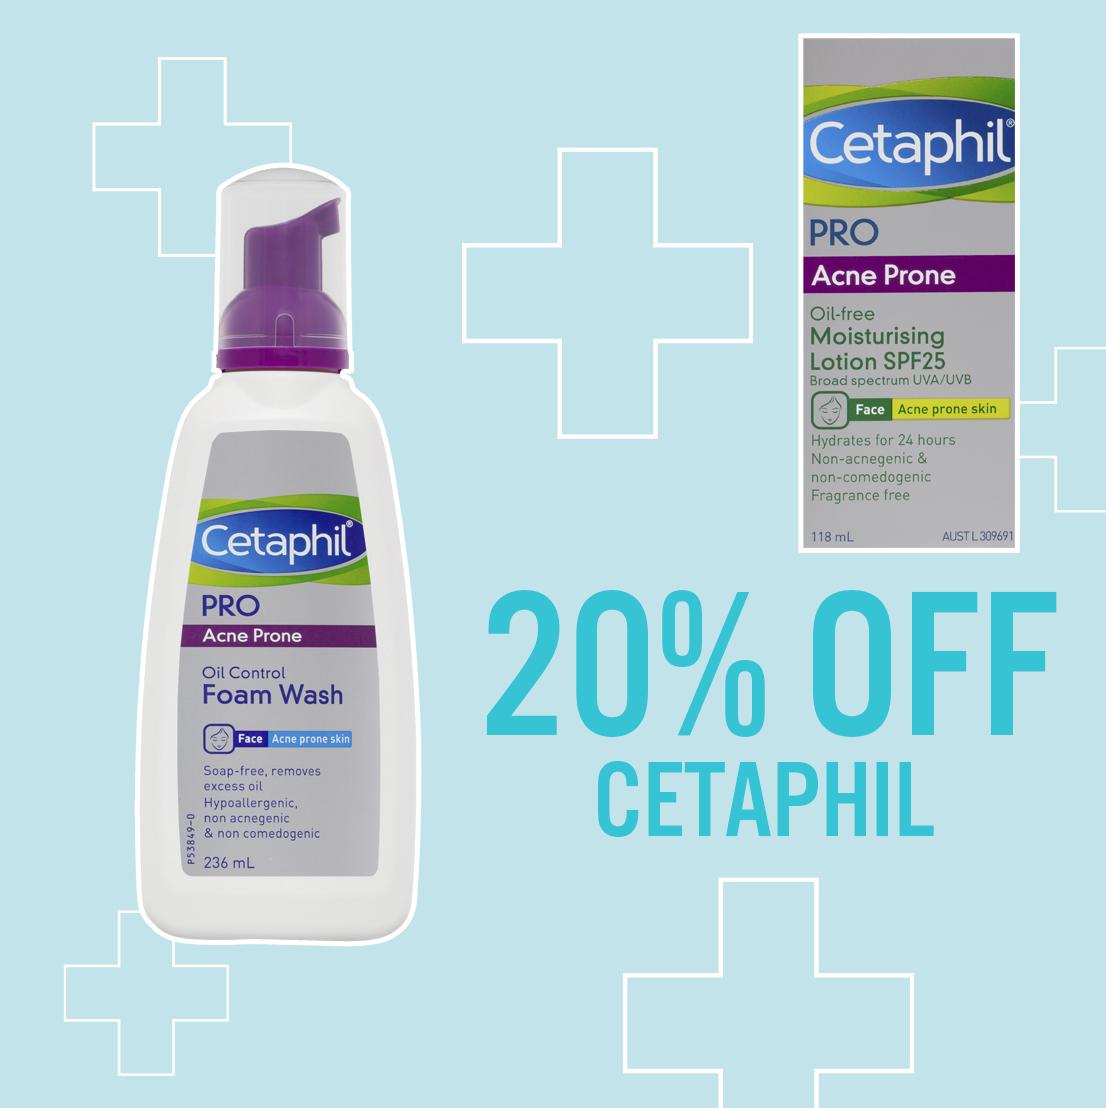 20% off cetaphil